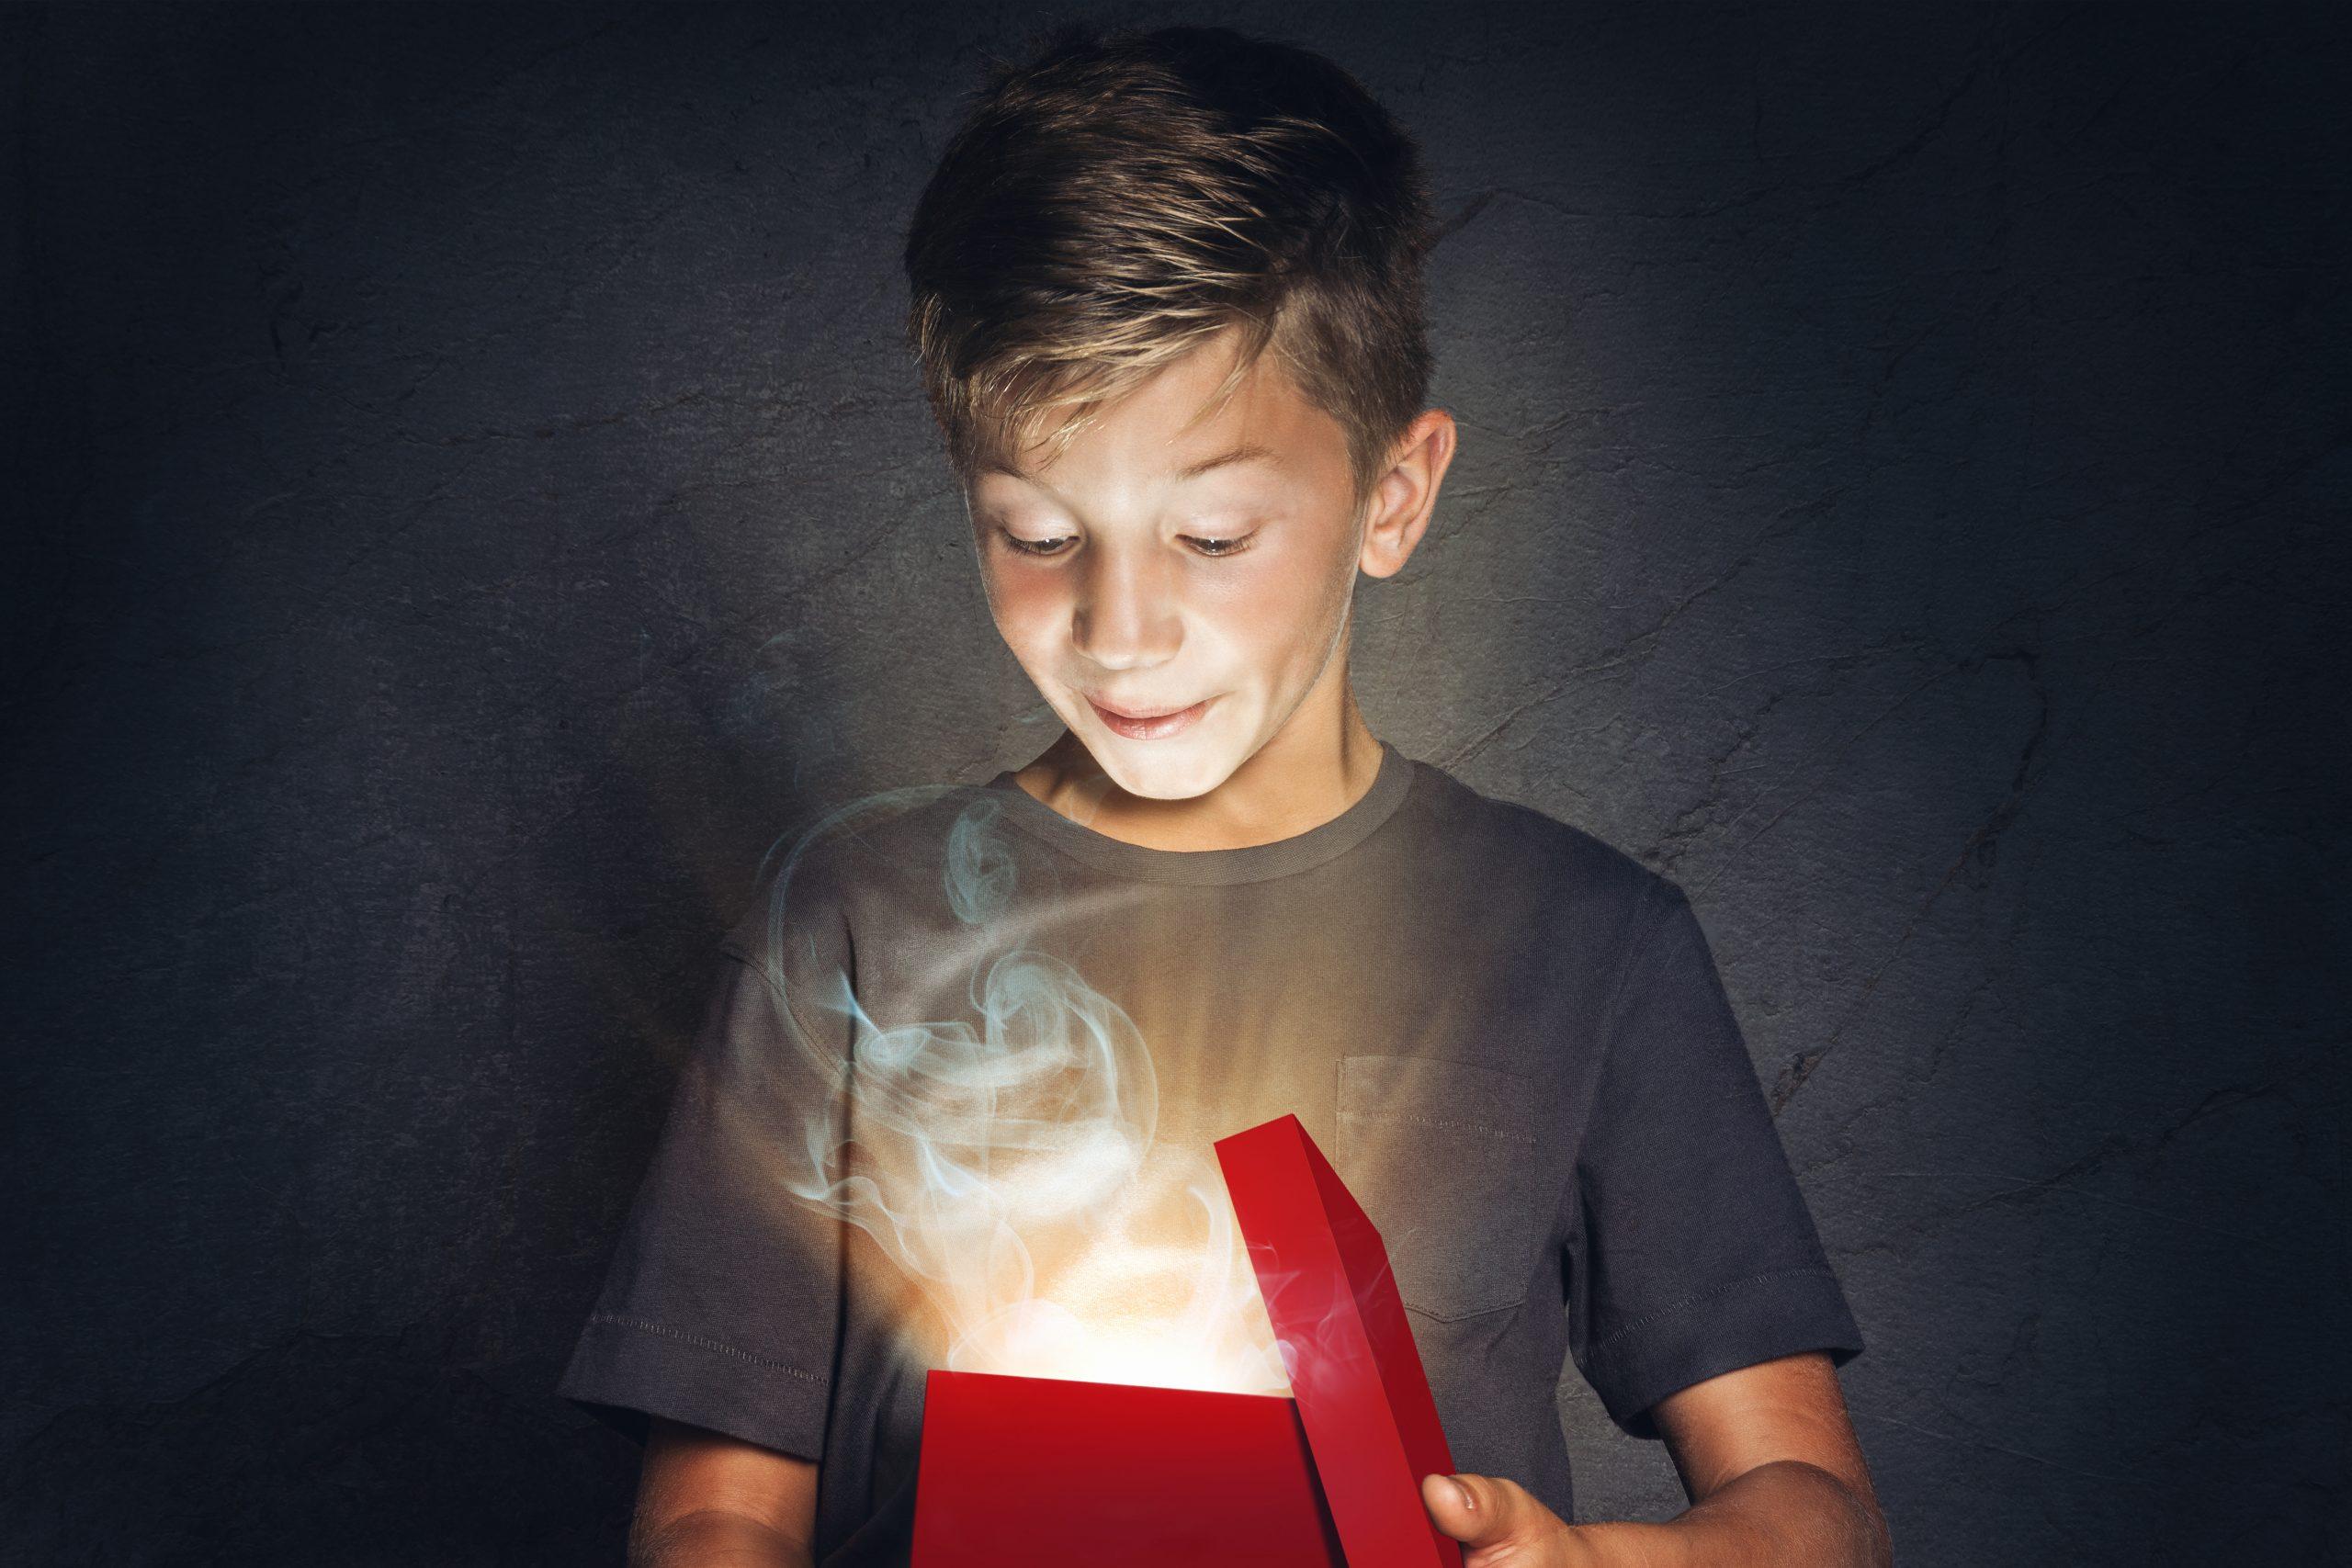 Coole Und Trotzdem Sinnvolle Geschenke Für Kinder Ab 10 mit Geburtstagsgeschenke Für 11 Jährige Jungs